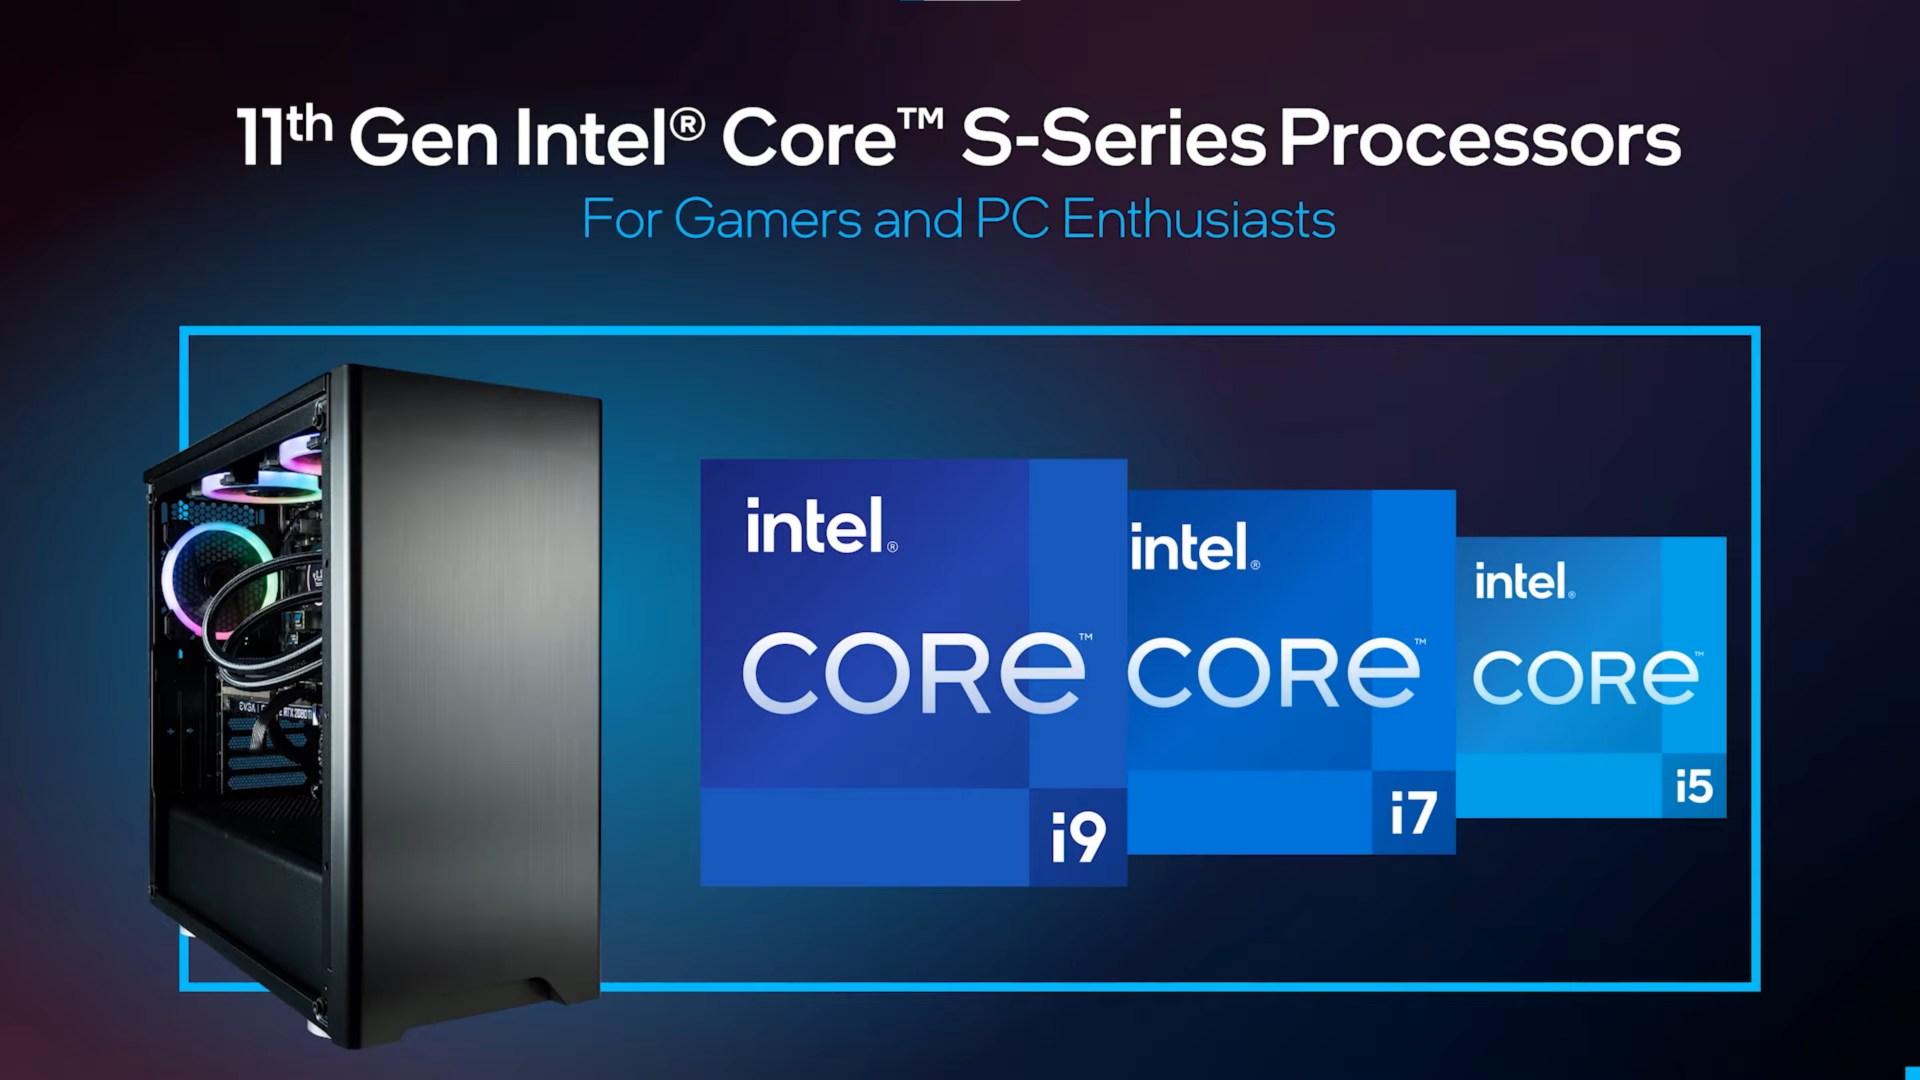 Intel, Prozessor, Cpu, Chip, Octacore, SoC, Chipsatz, Intel Xe, Rocket Lake, Chipset, Rocket Lake S, 14 nm, Intel 500 Series